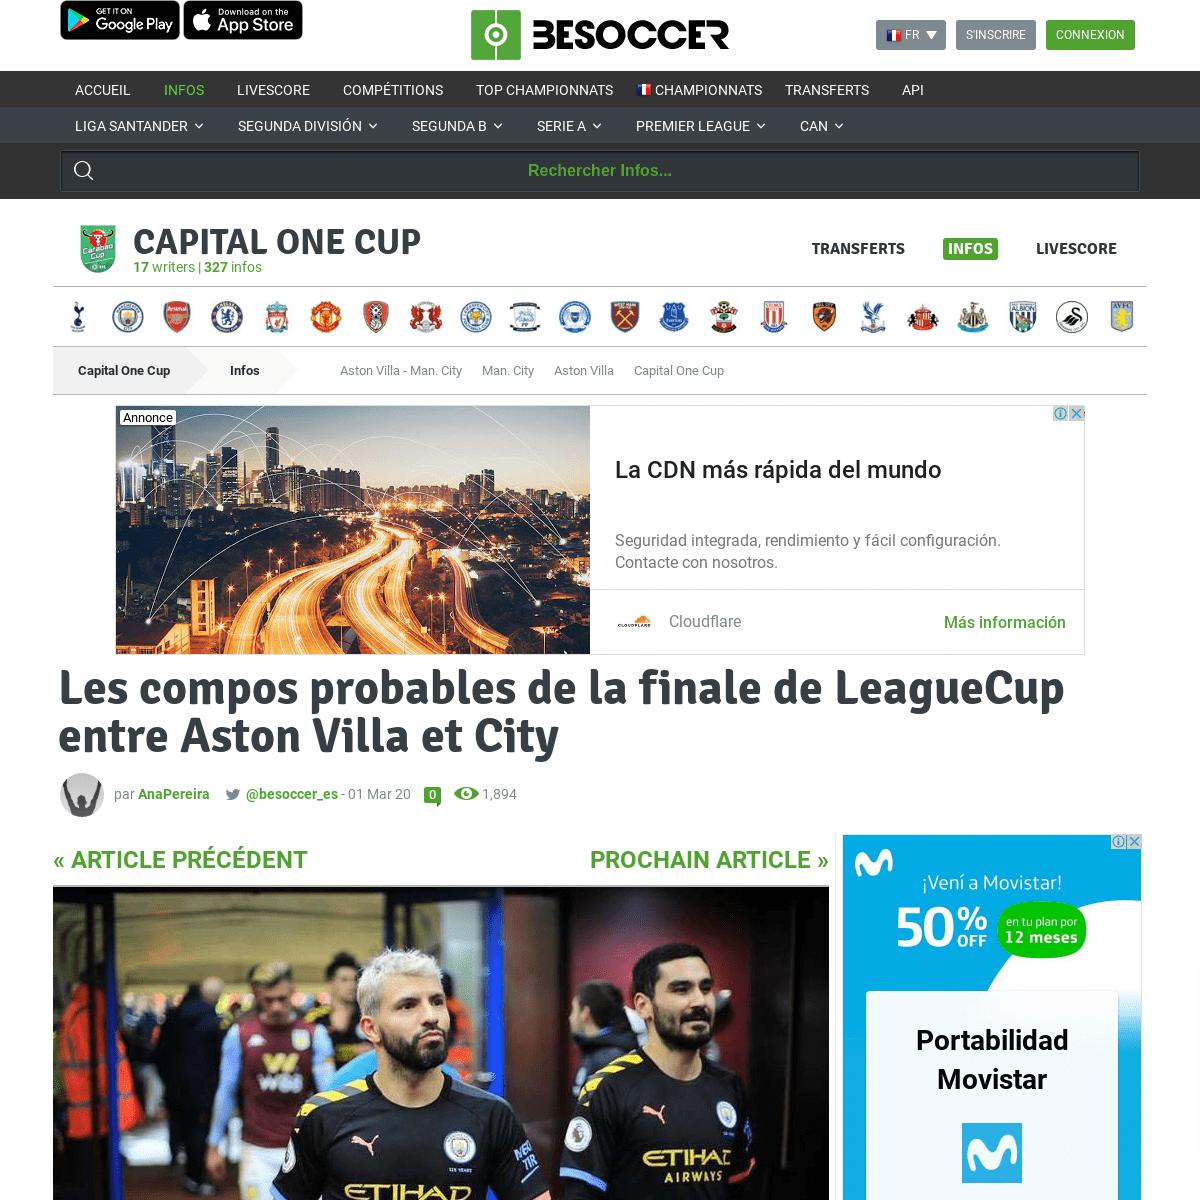 Les compos probables de la finale de LeagueCup entre Aston Villa et City - BeSoccer